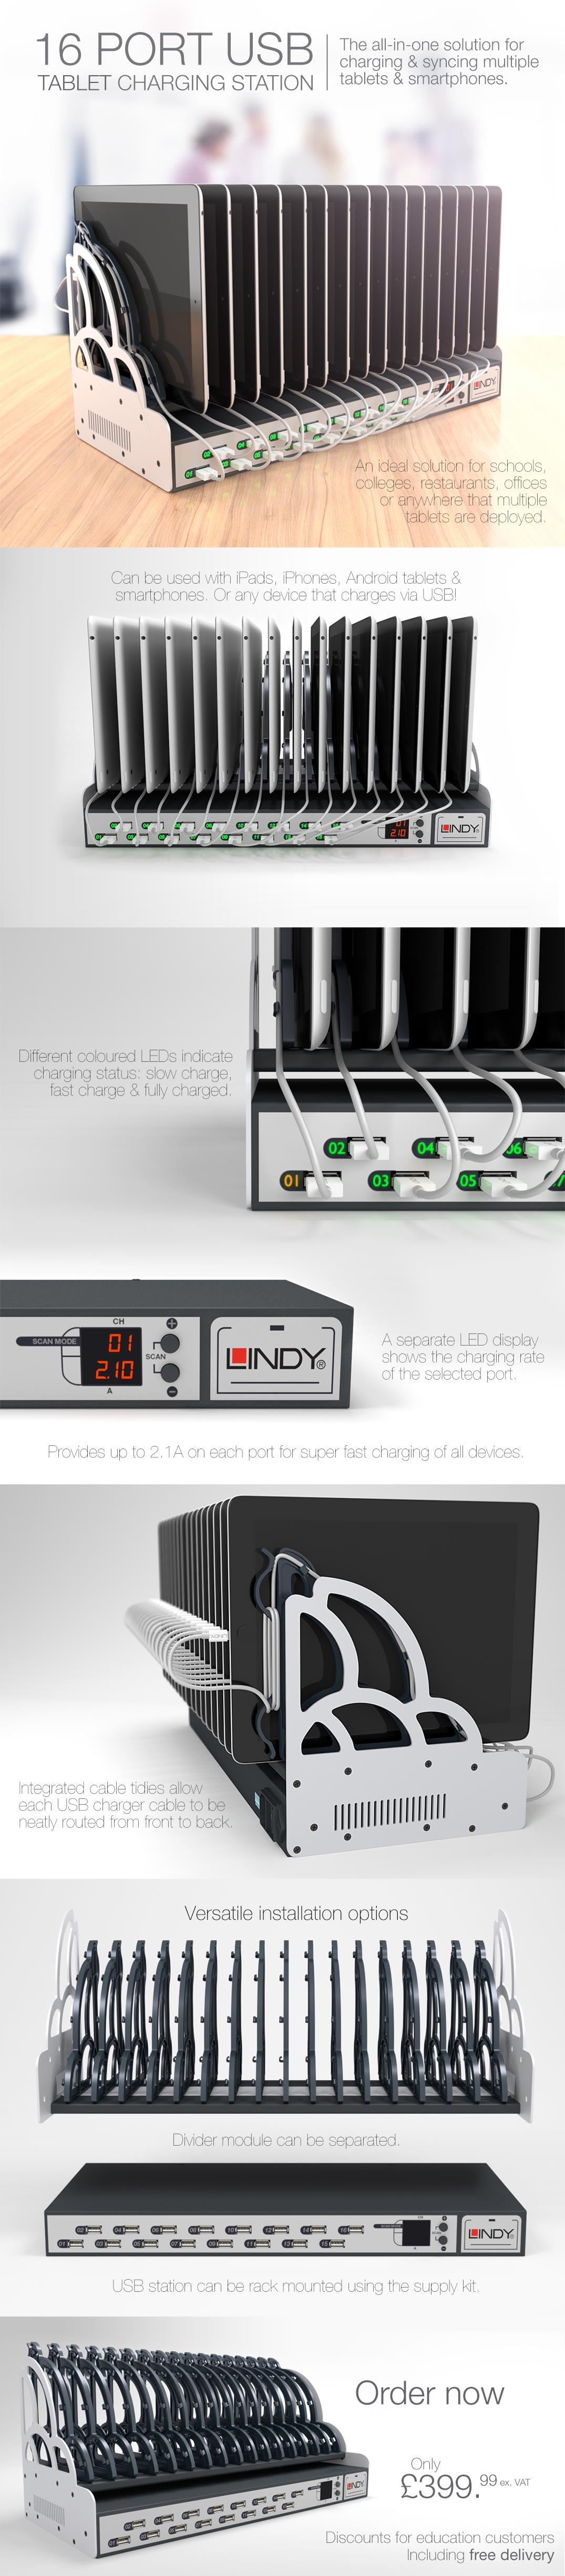 16 Port Tablet Charging Station